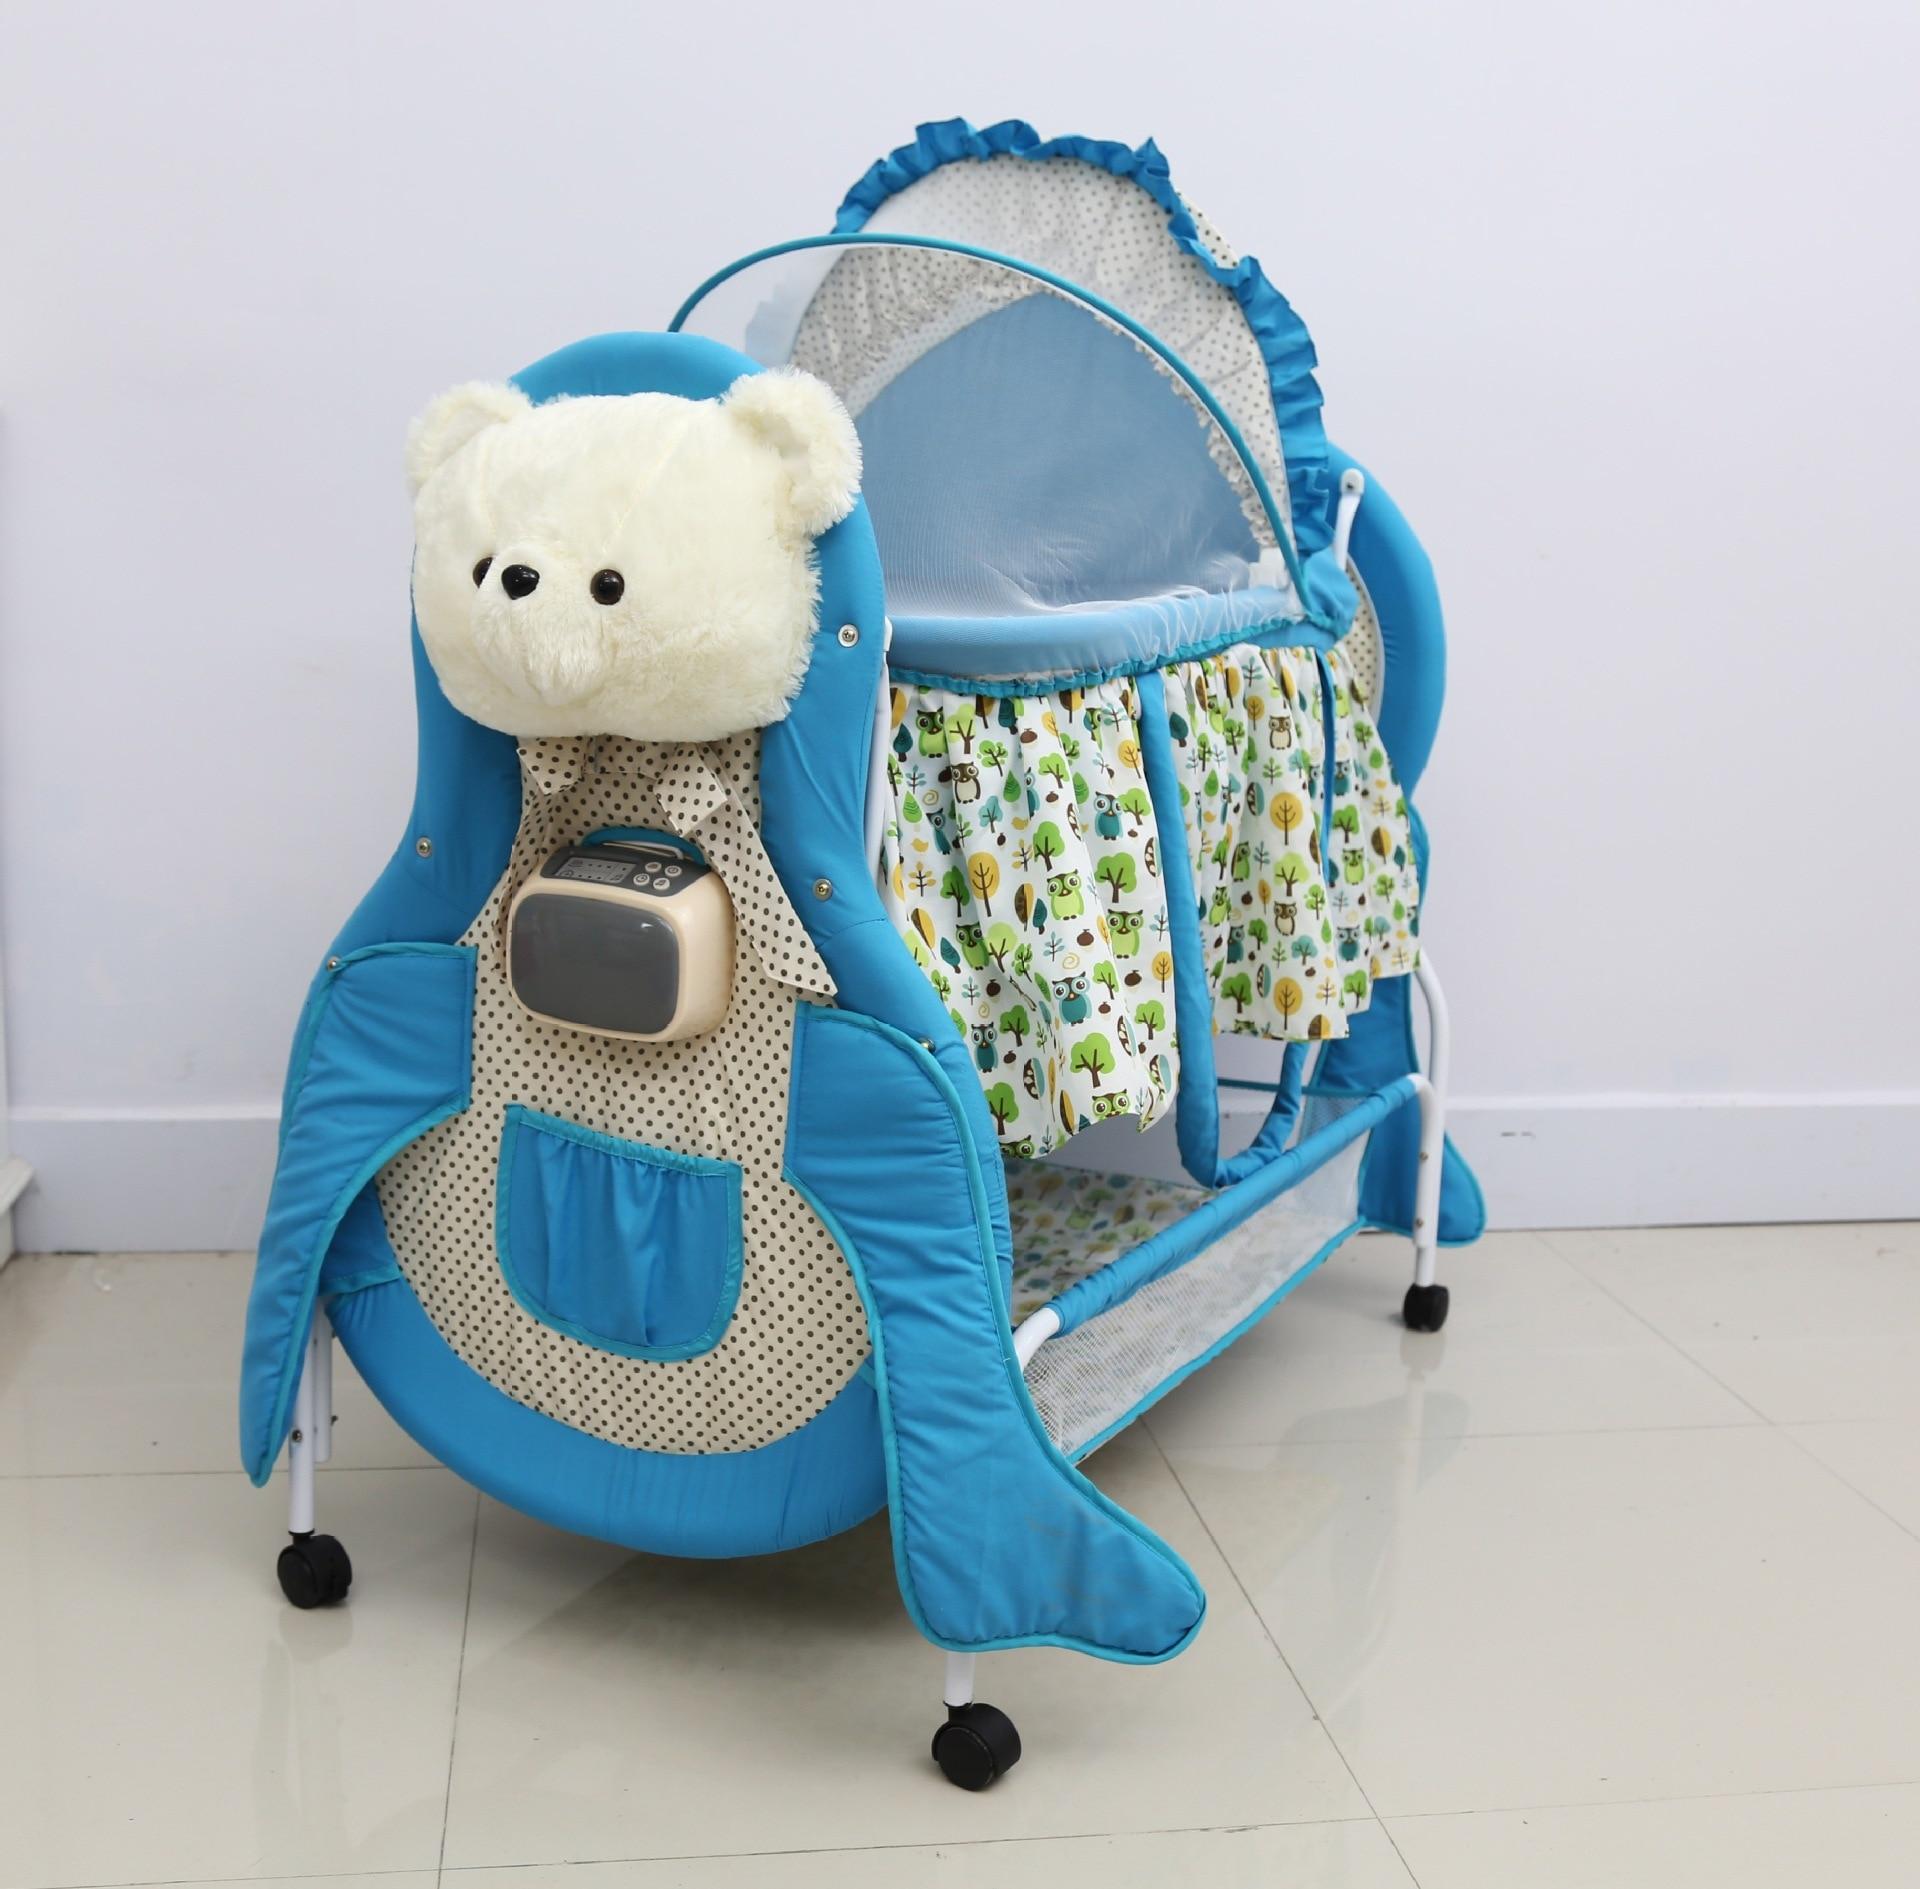 Multifonctionnel berceau nouveau-né bébé berceau électrique balançoire musique bébé électrique chaise à bascule shaker